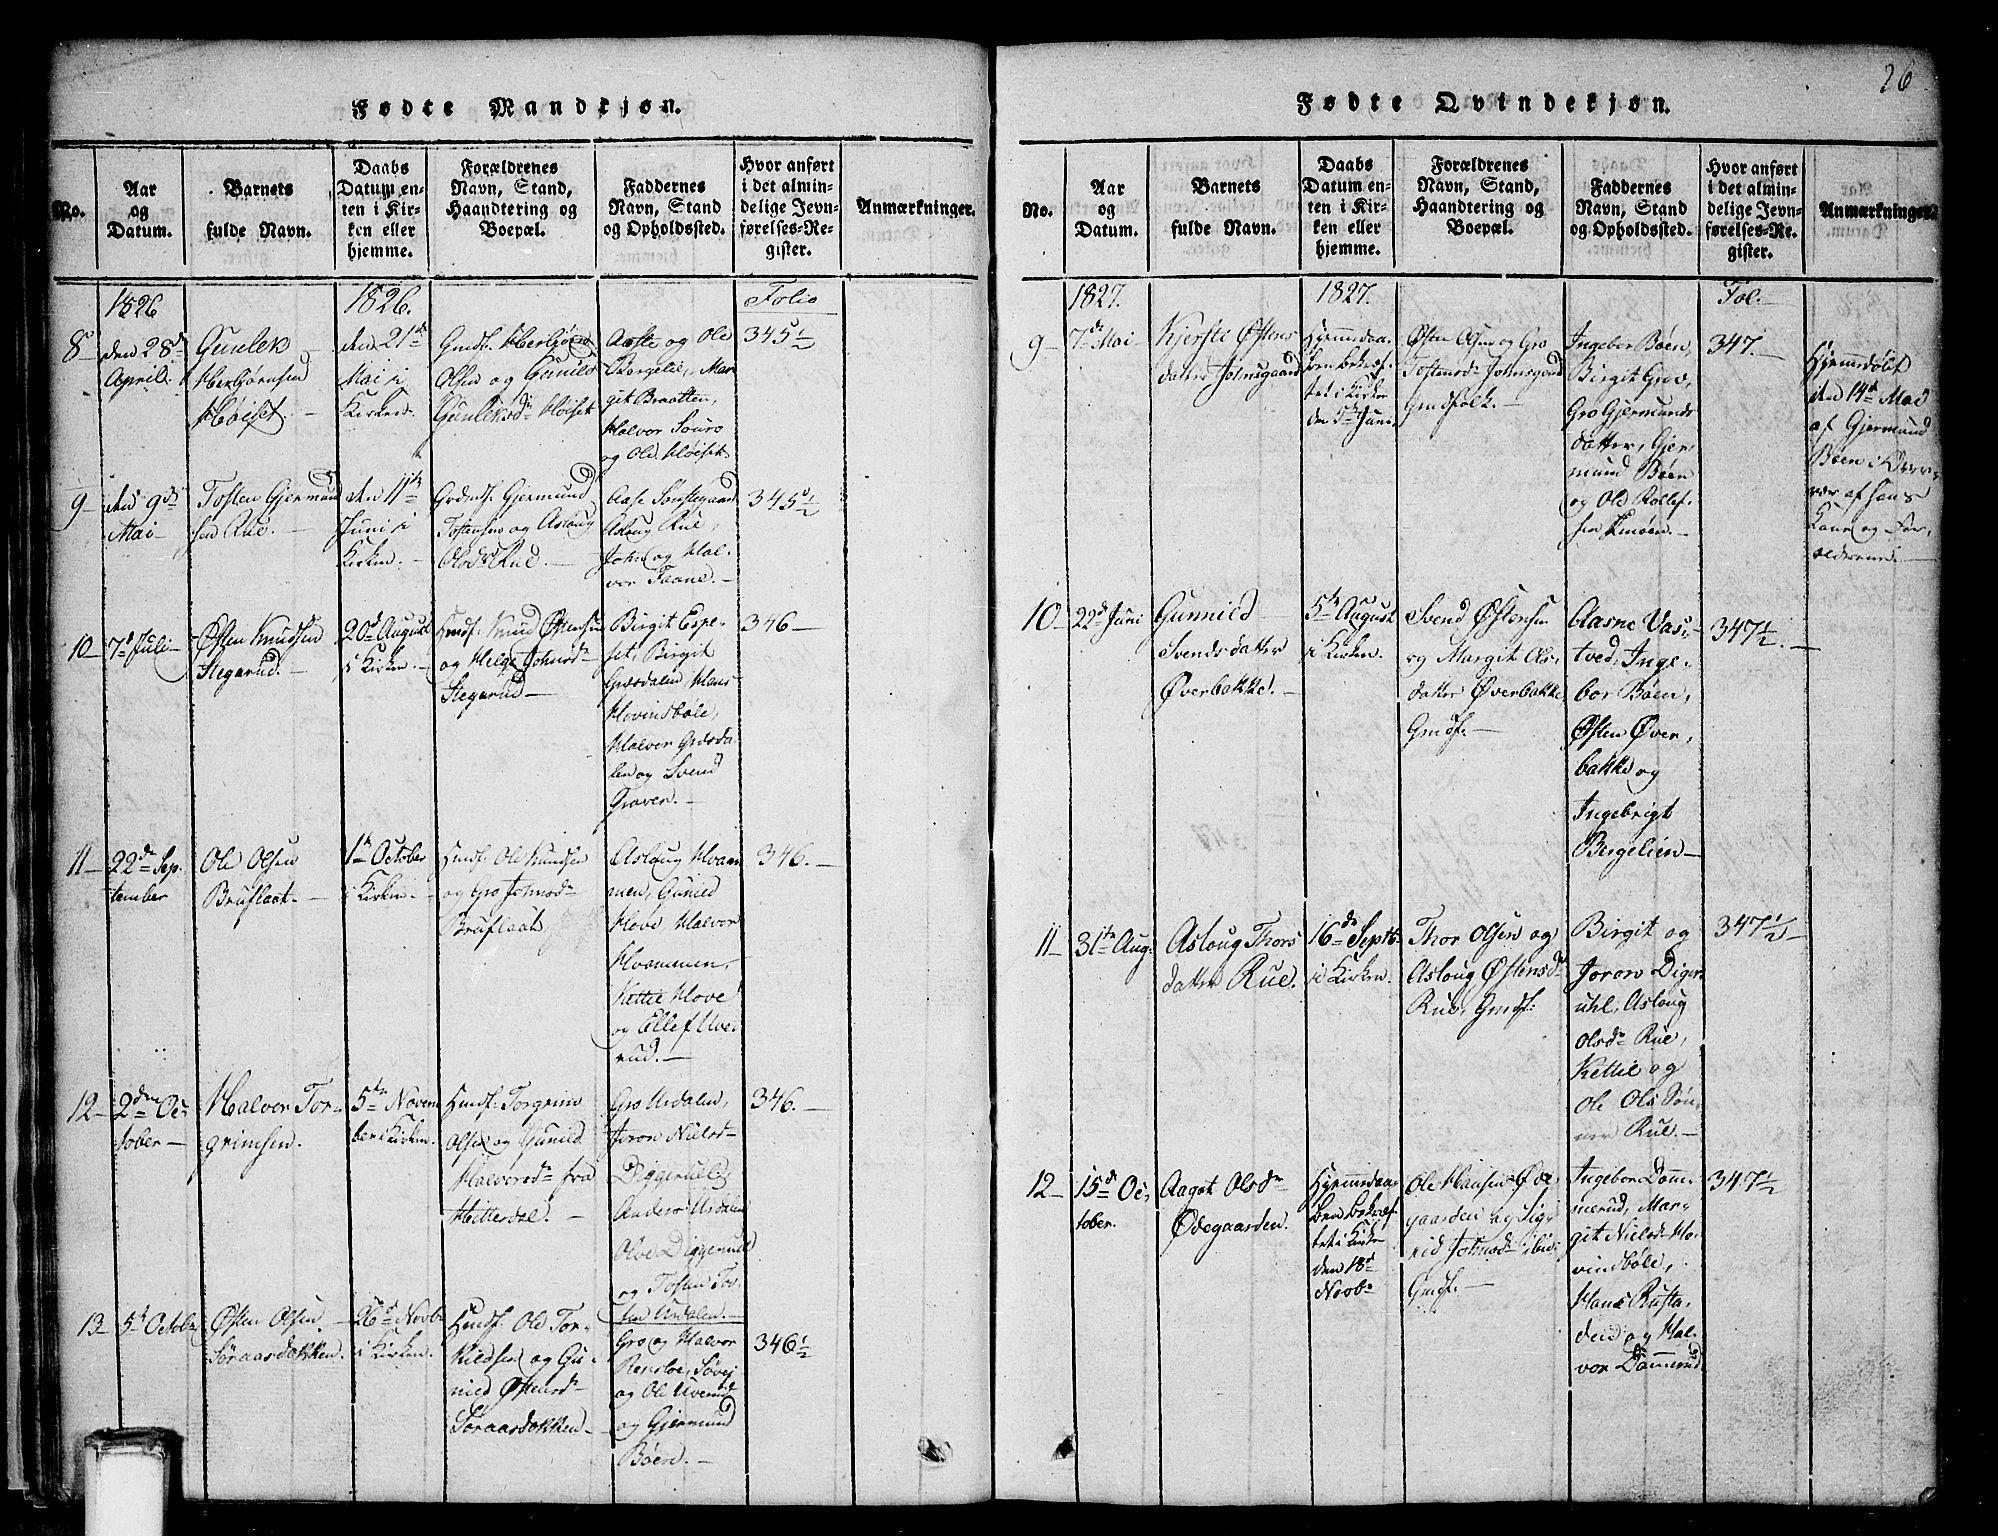 SAKO, Gransherad kirkebøker, G/Gb/L0001: Klokkerbok nr. II 1, 1815-1860, s. 26